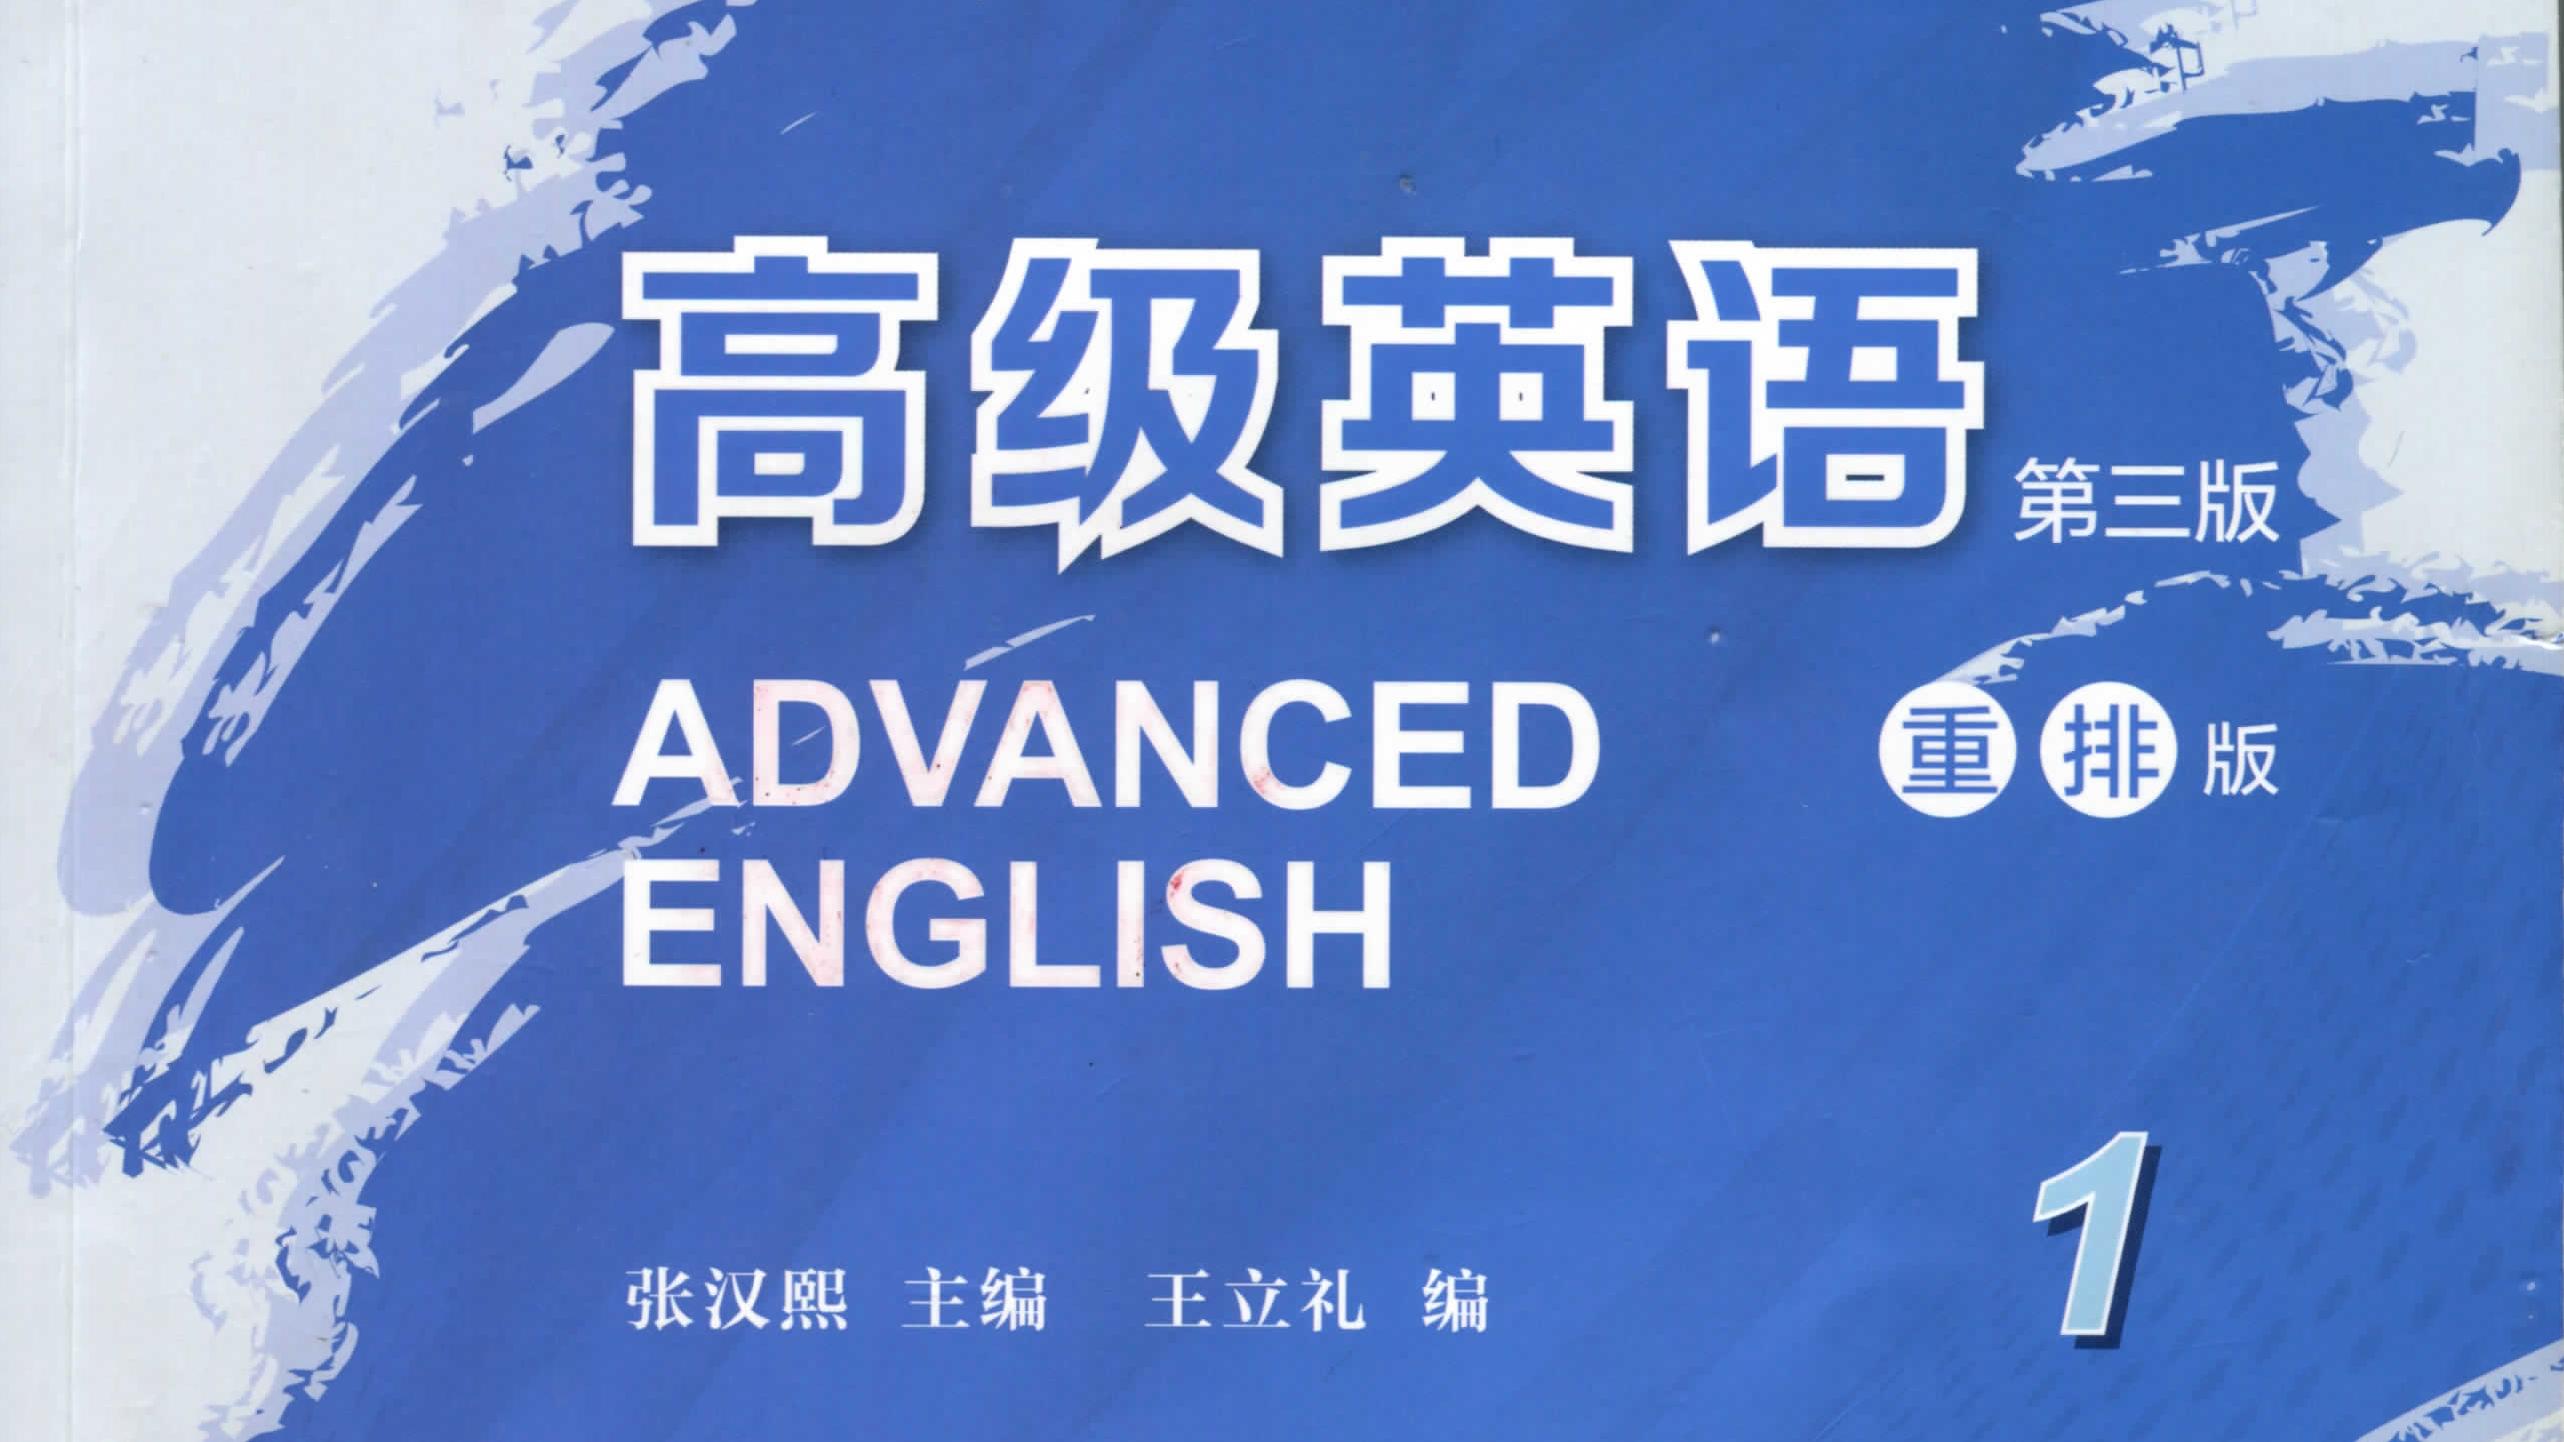 高级英语(华东理工大学)_智慧树知到答案2021年